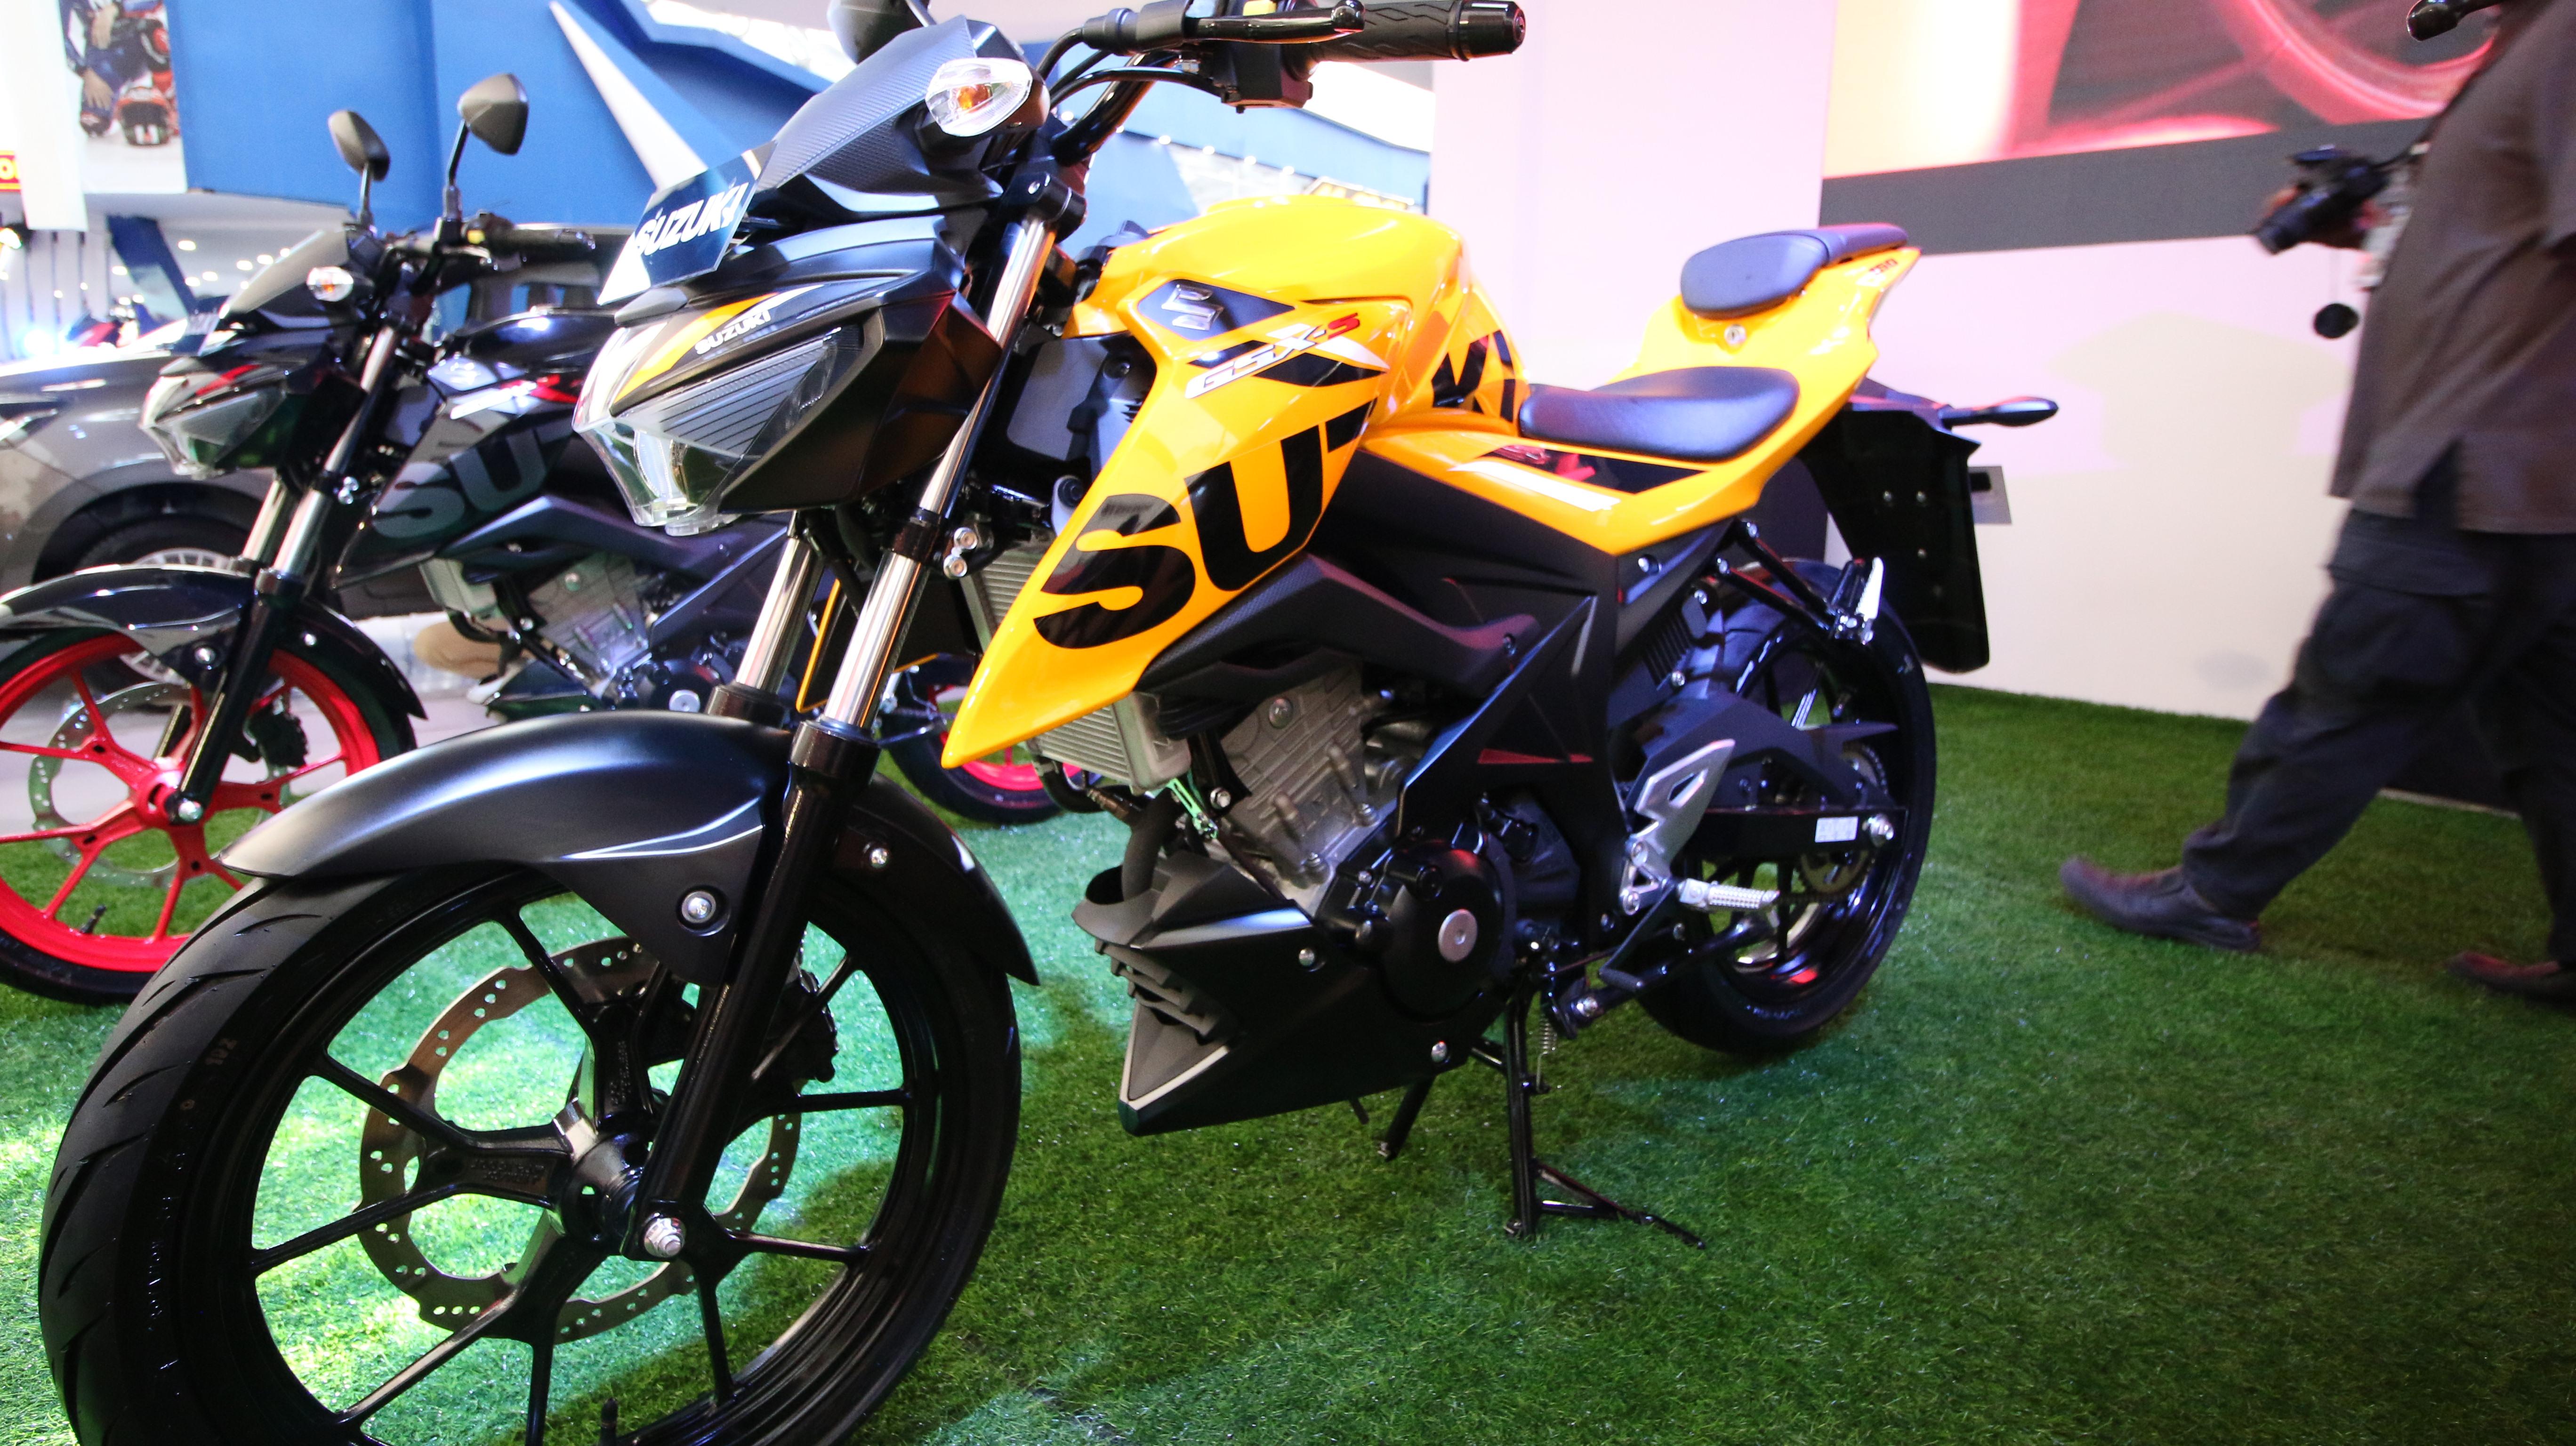 Suzuki Luncurkan Gsx S150 Dengan Pilihan Warna Baru Di Tahun 2018